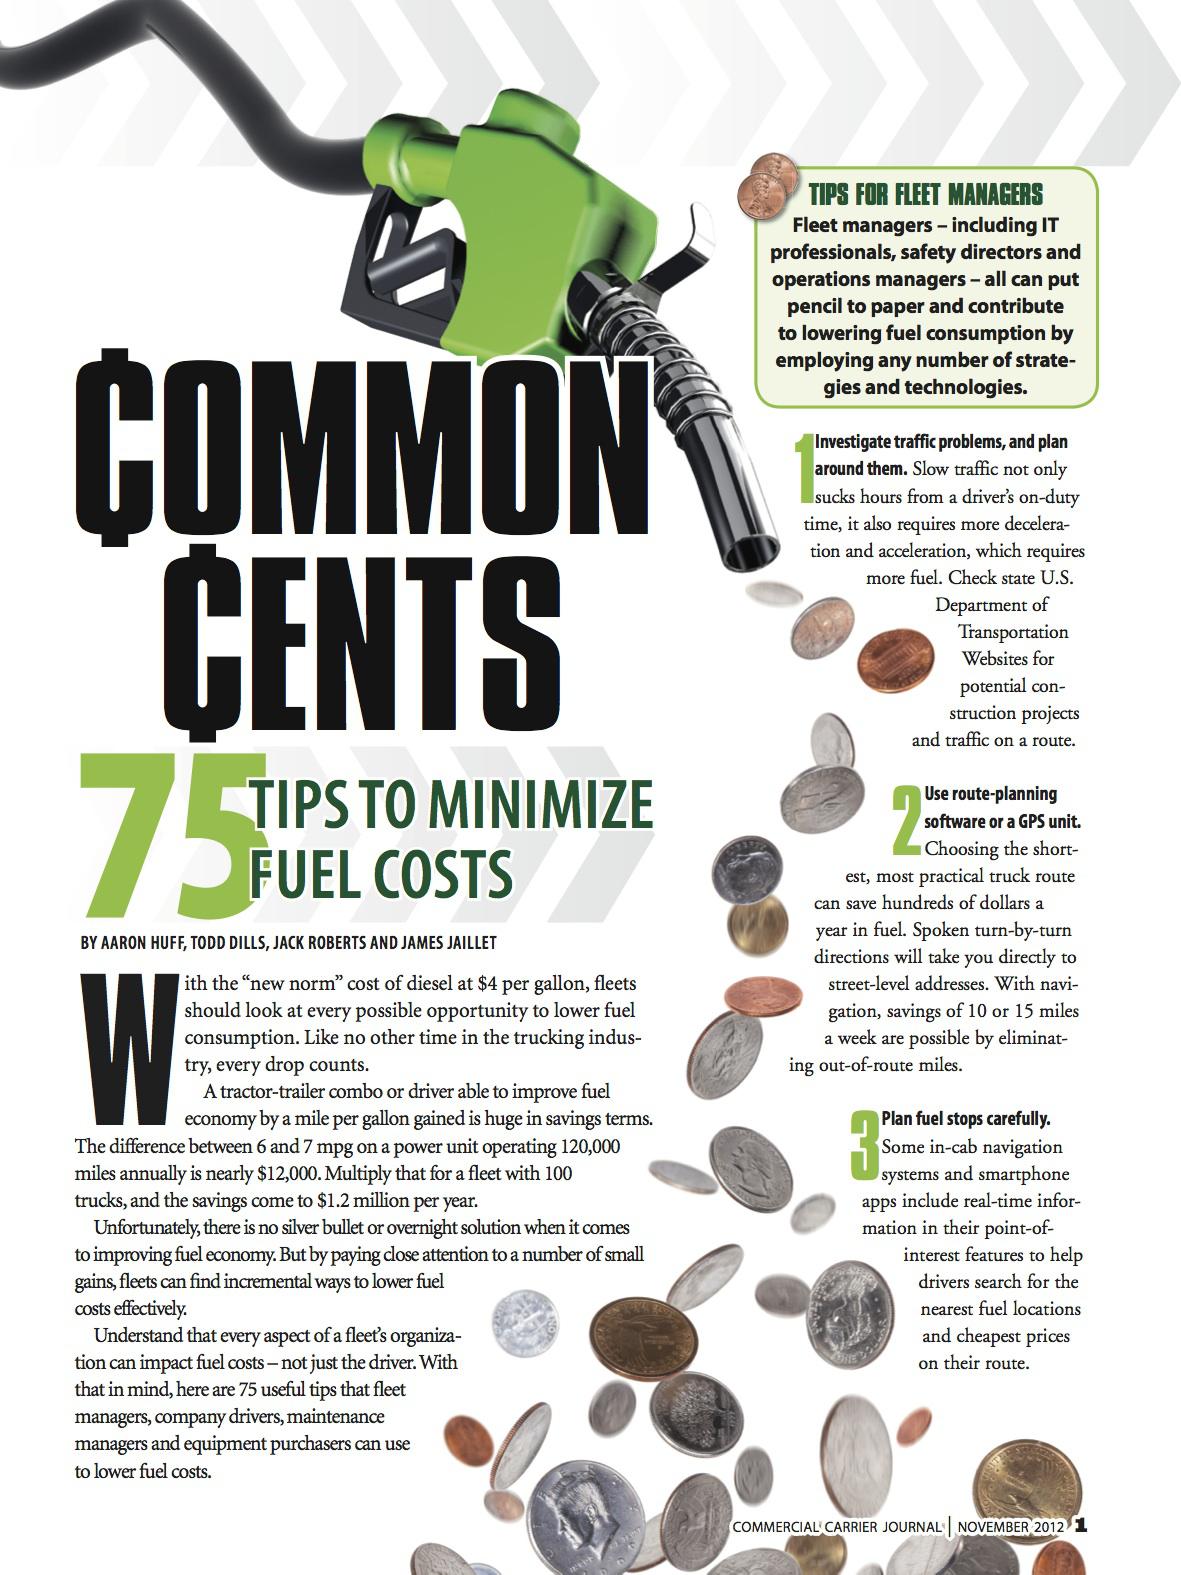 75 ways to cut your fleet's fuel costs